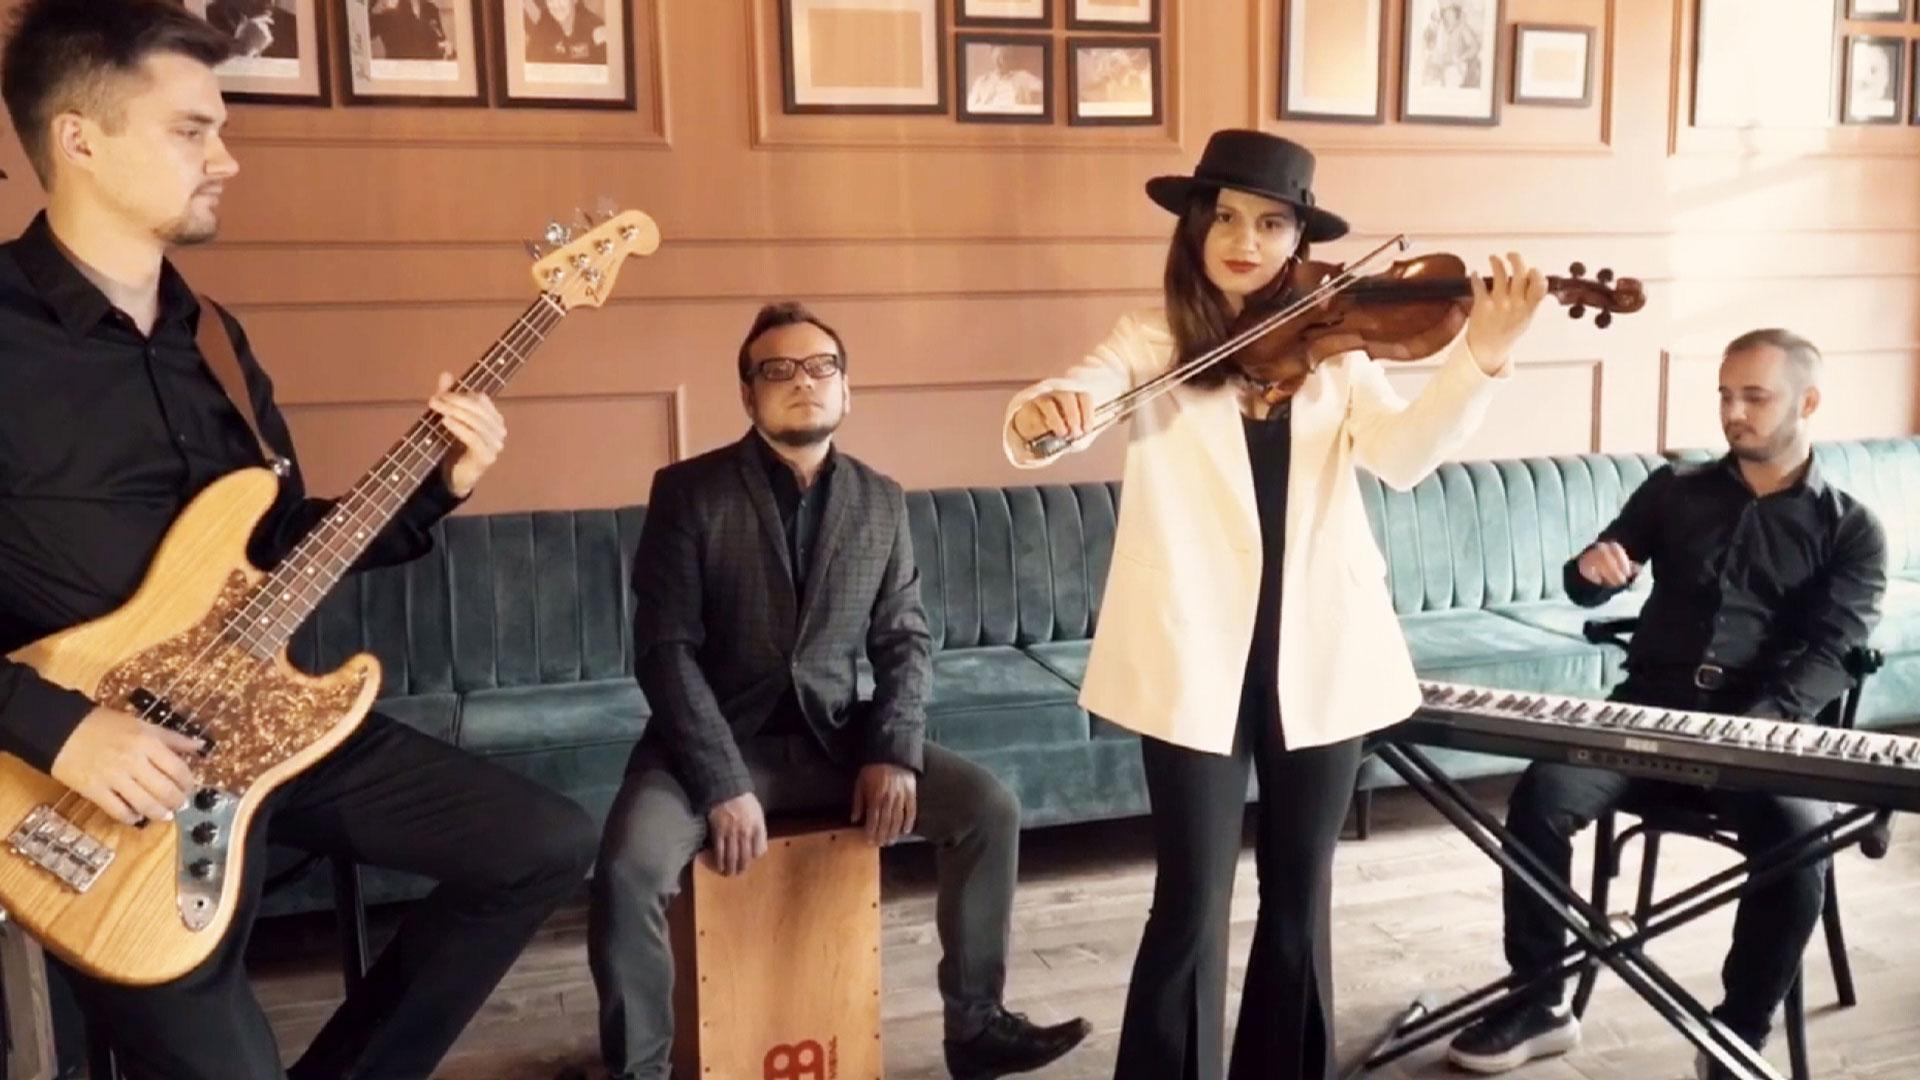 Франківський гурт переспівав Billie Eilish на гуцульській манер (ВІДЕО)